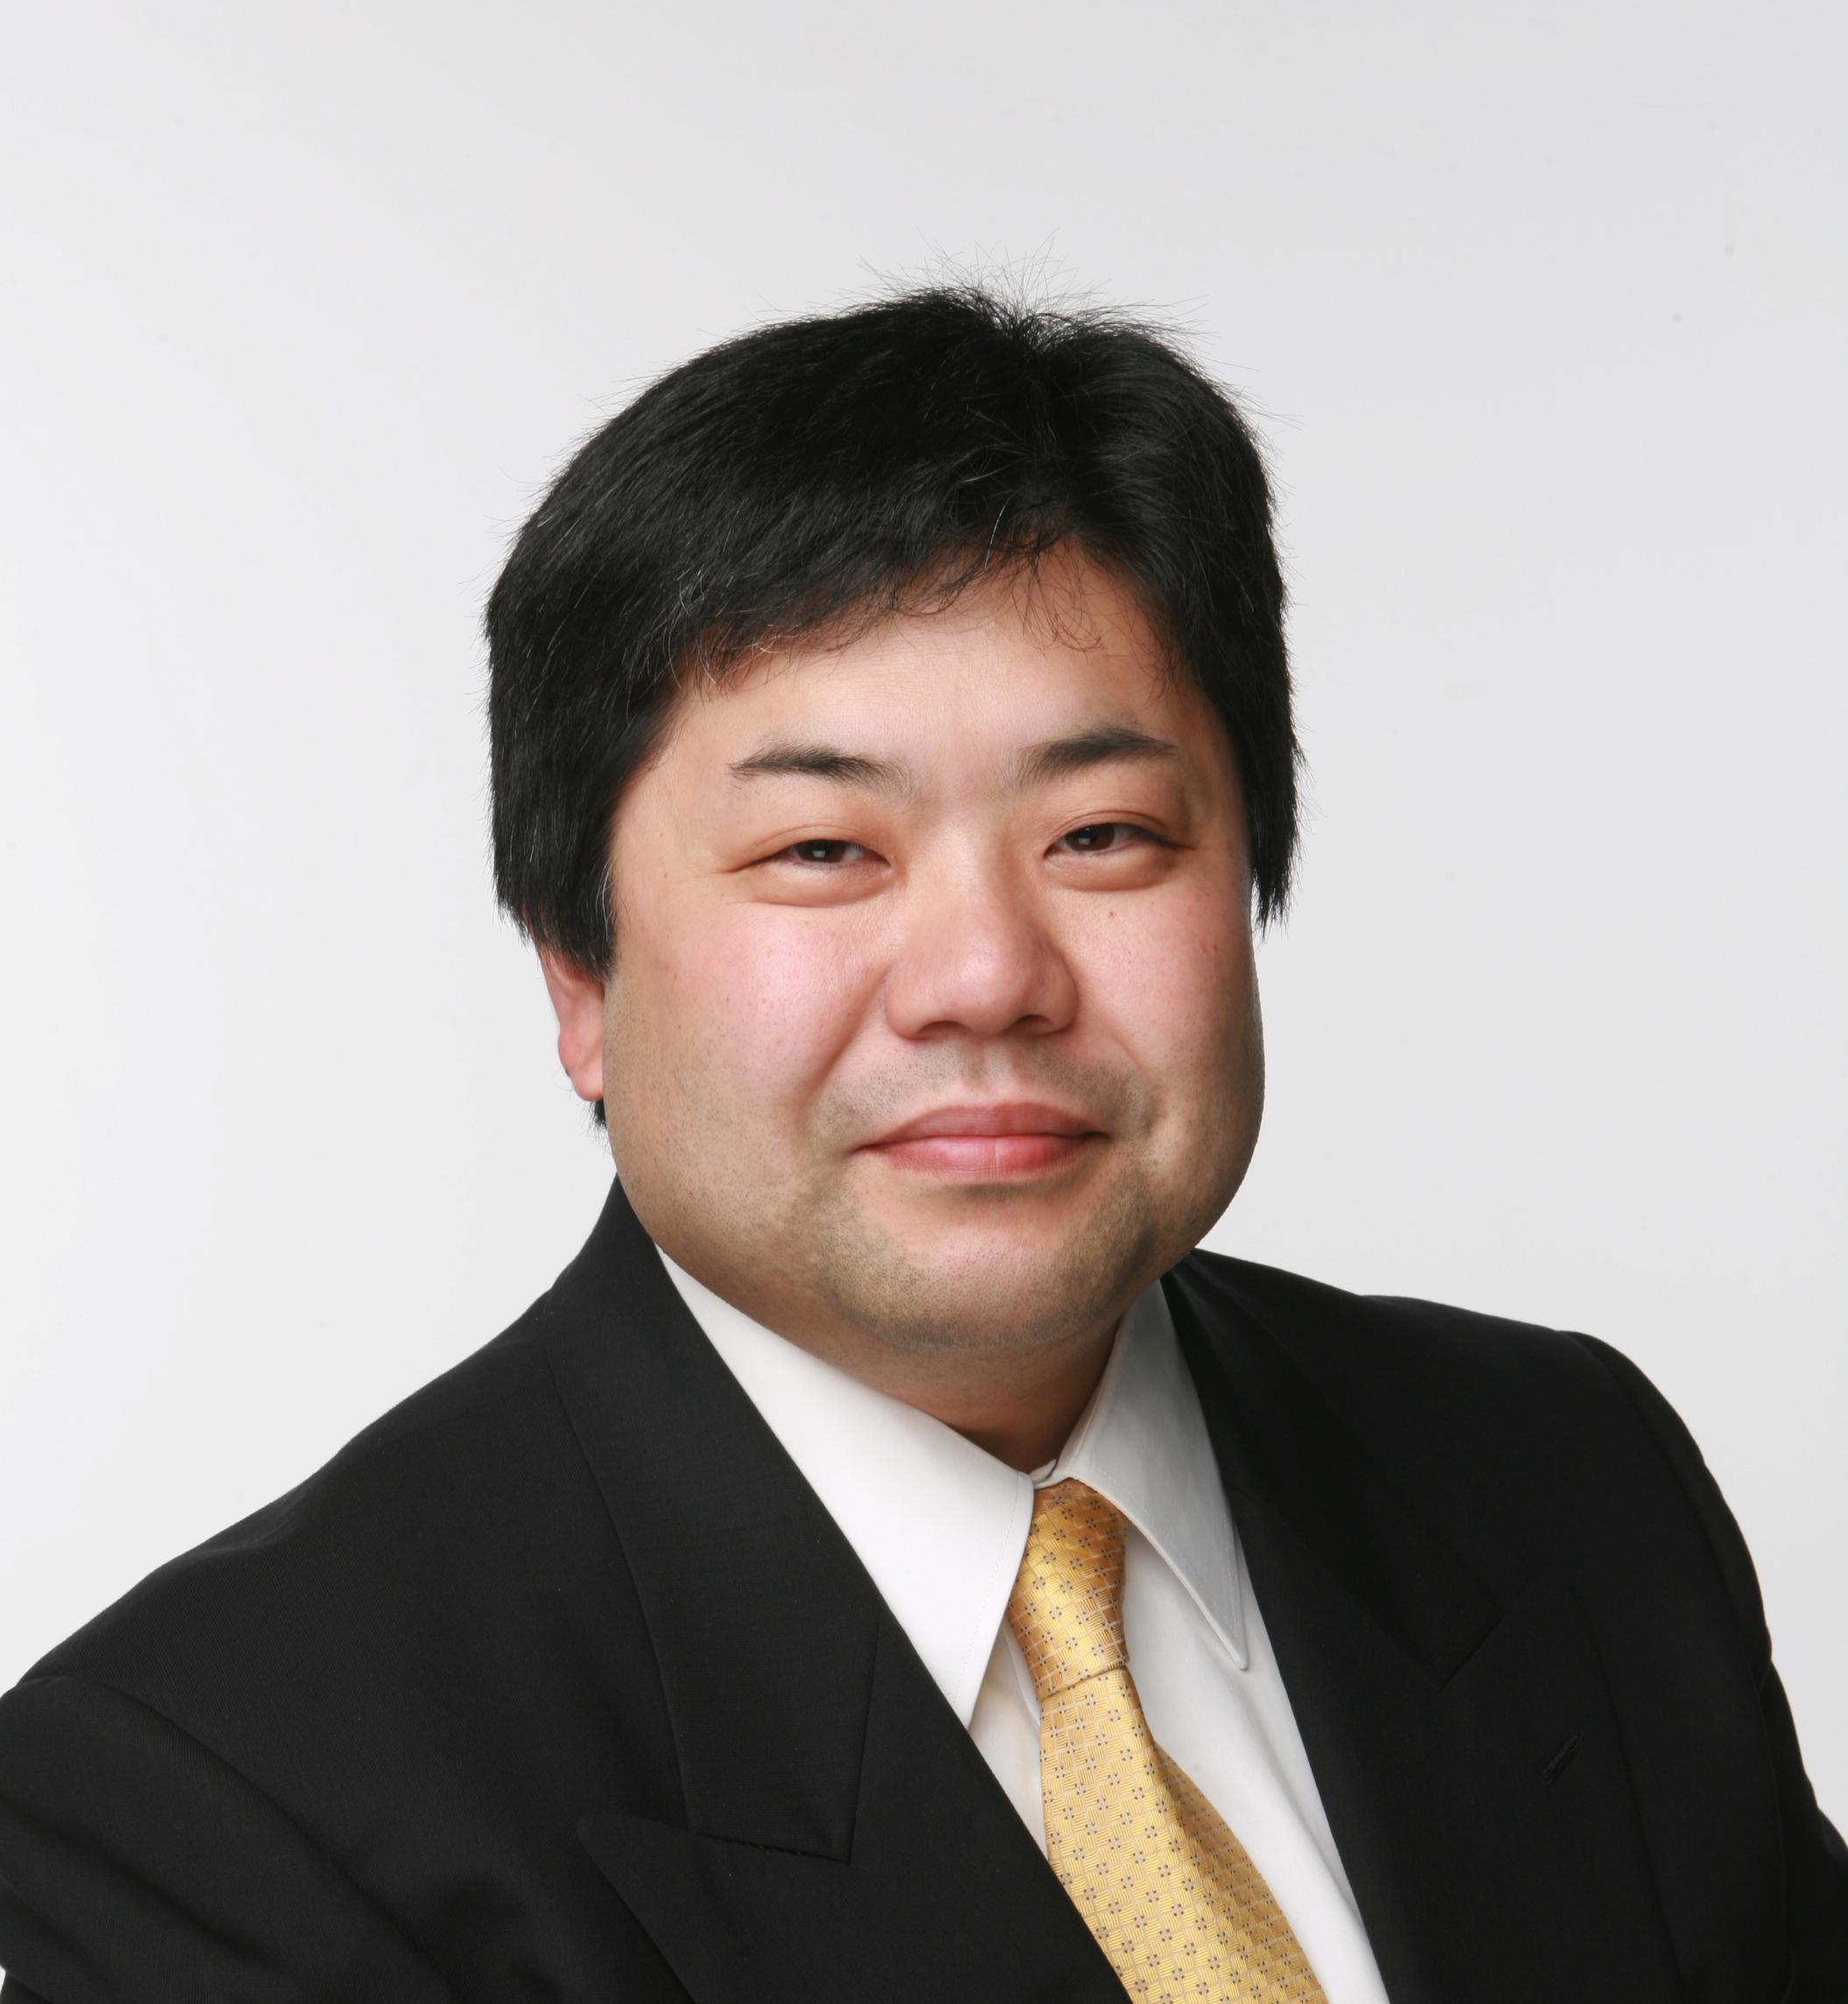 株式会社トラフィックエイジア代表取締役・MJS税経システム研究所客員研究員